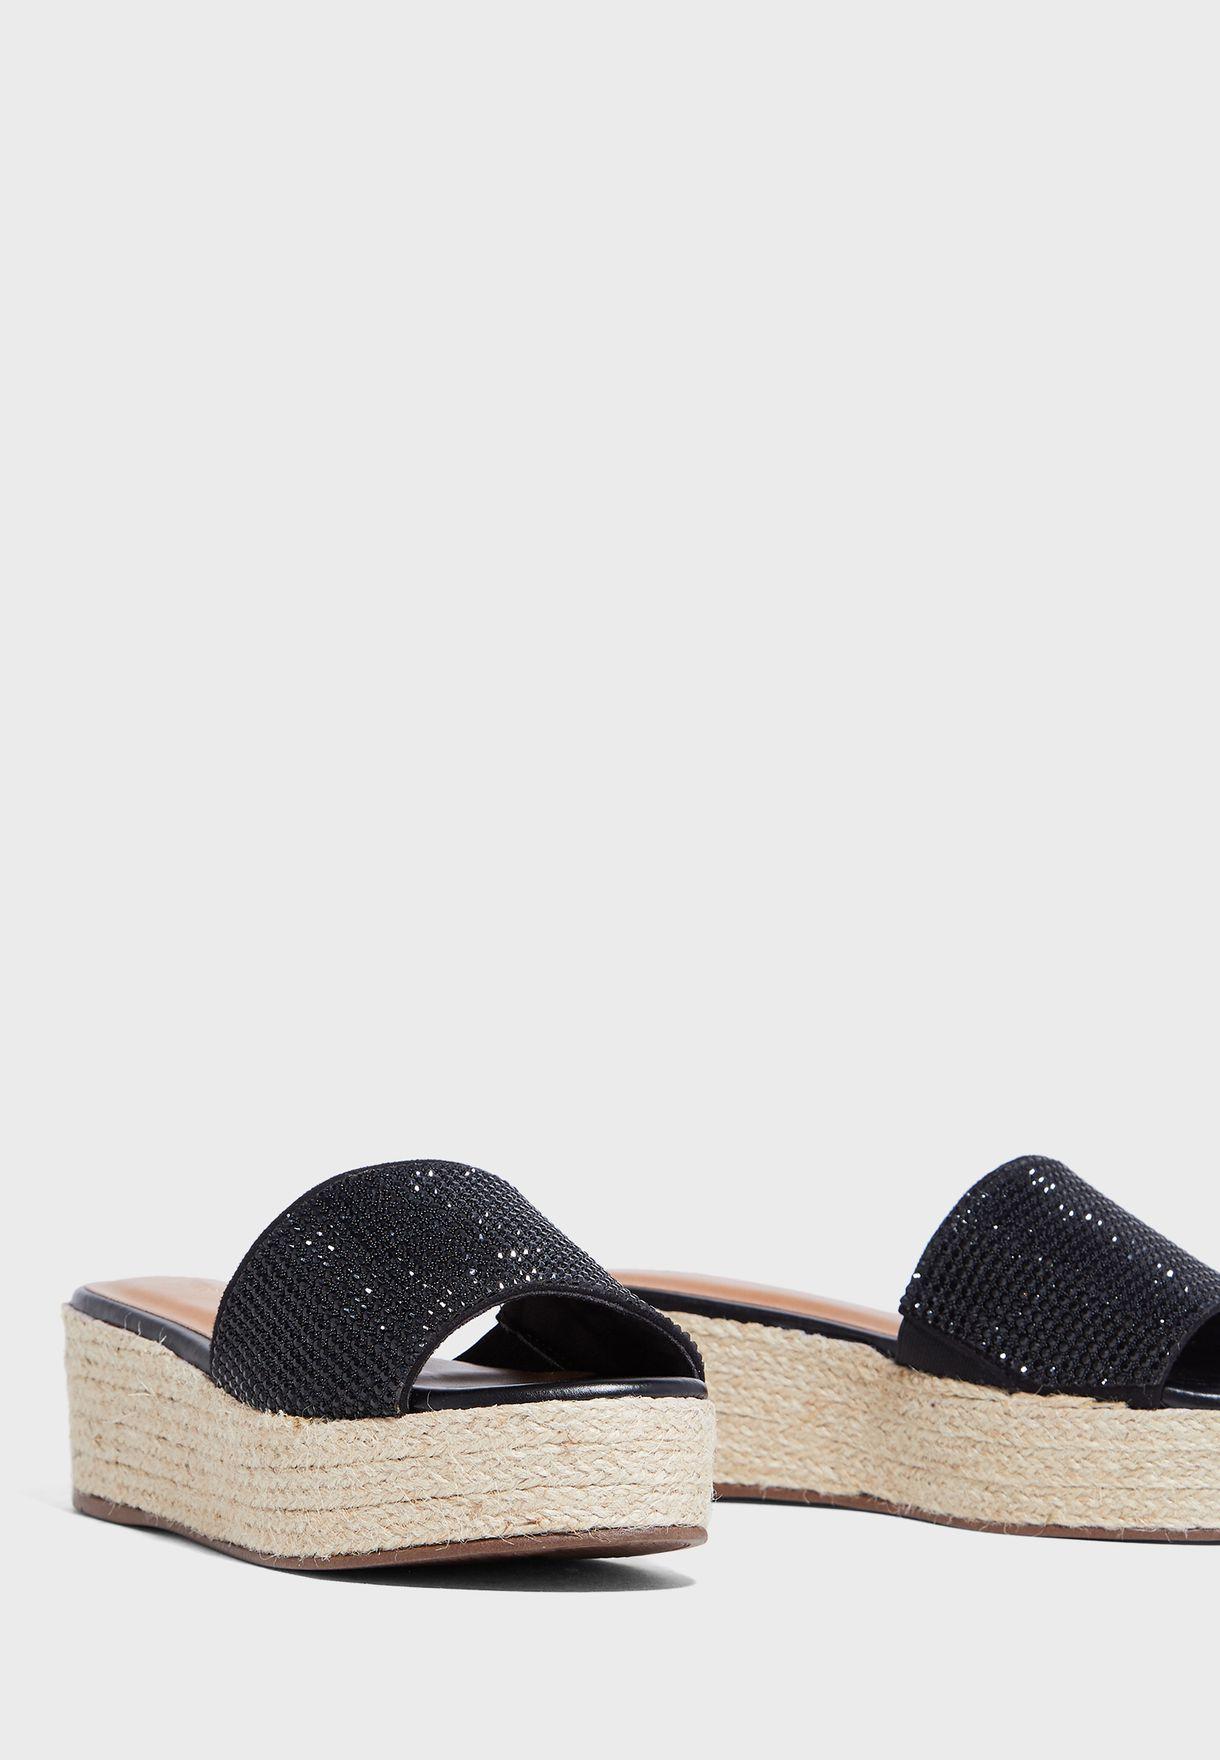 Wide Strap Mid Heel Wedge Sandals